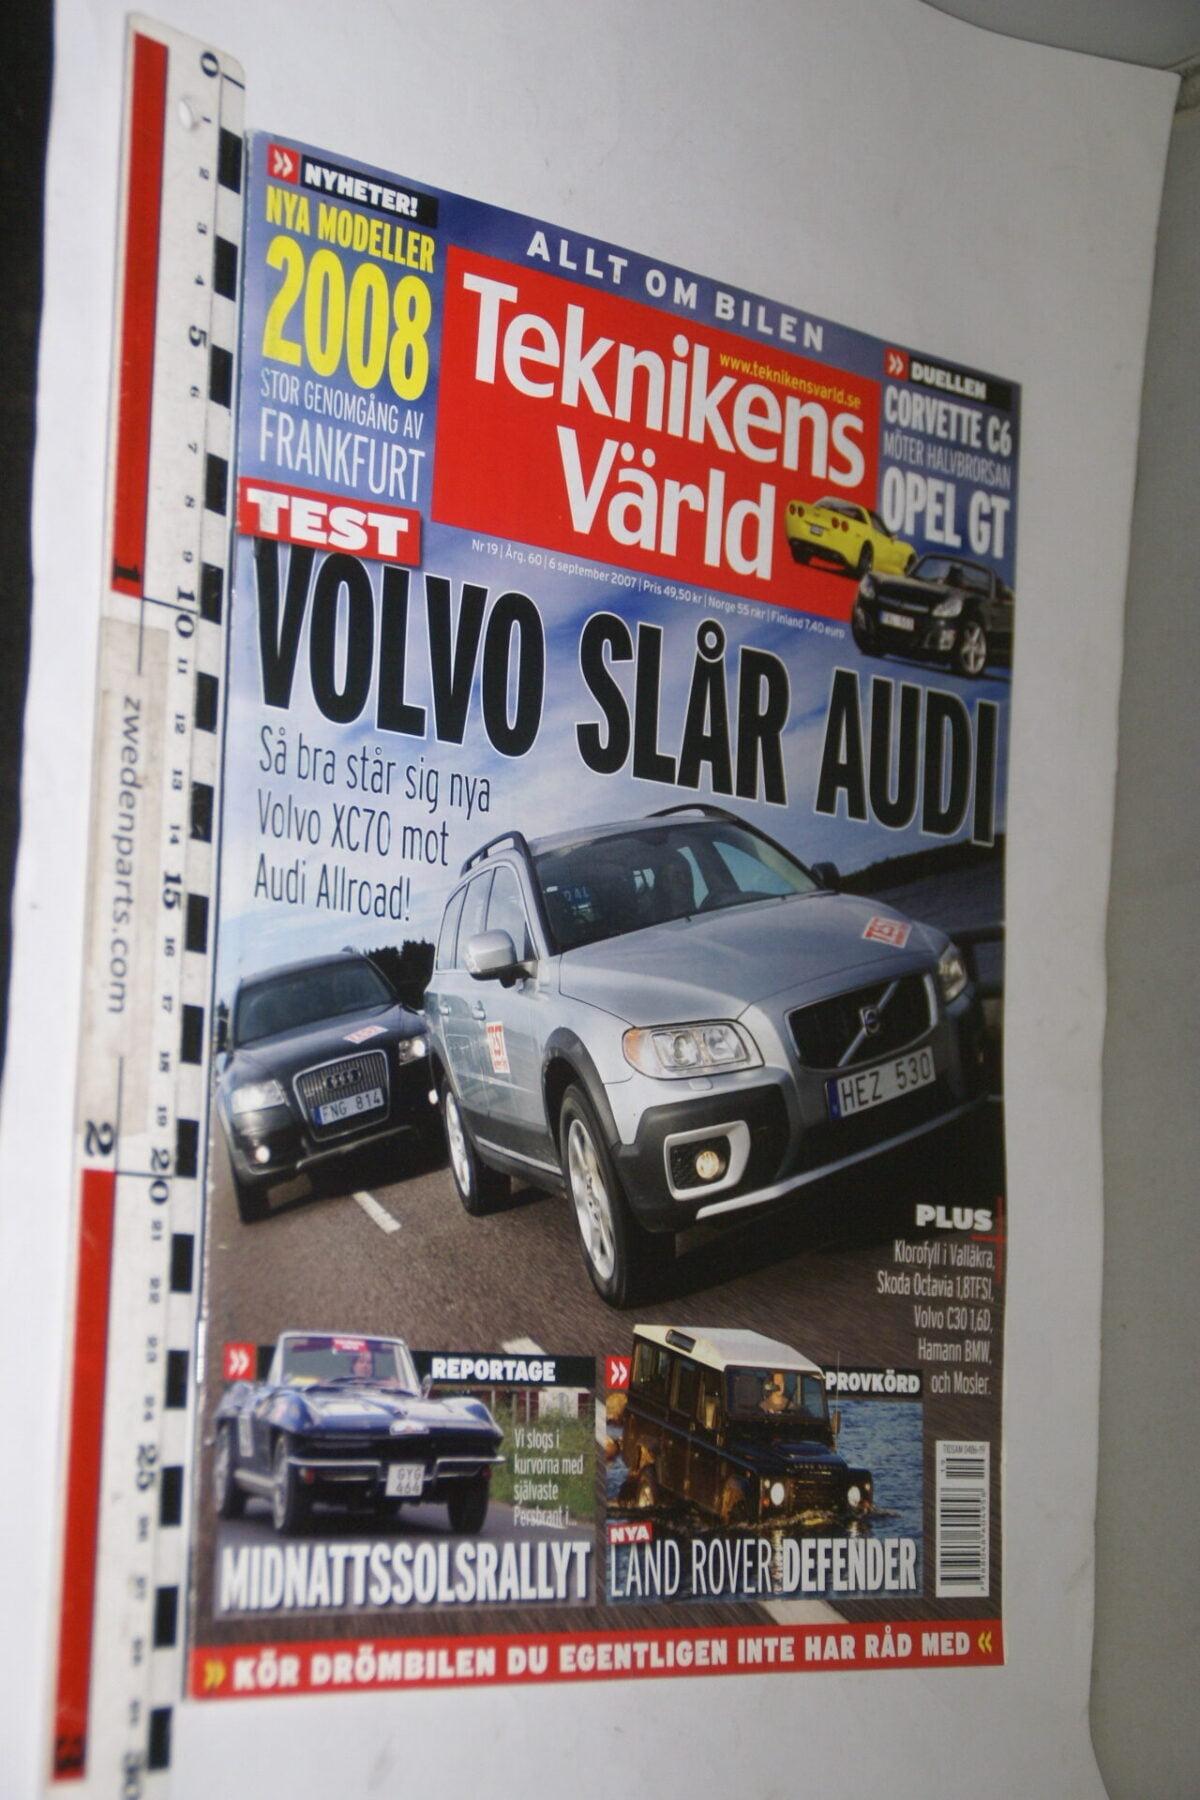 DSC08102 tijdschrift Teknikens Värld 6 september 2007 met Volvo XC70, Svenska-6470d0ec